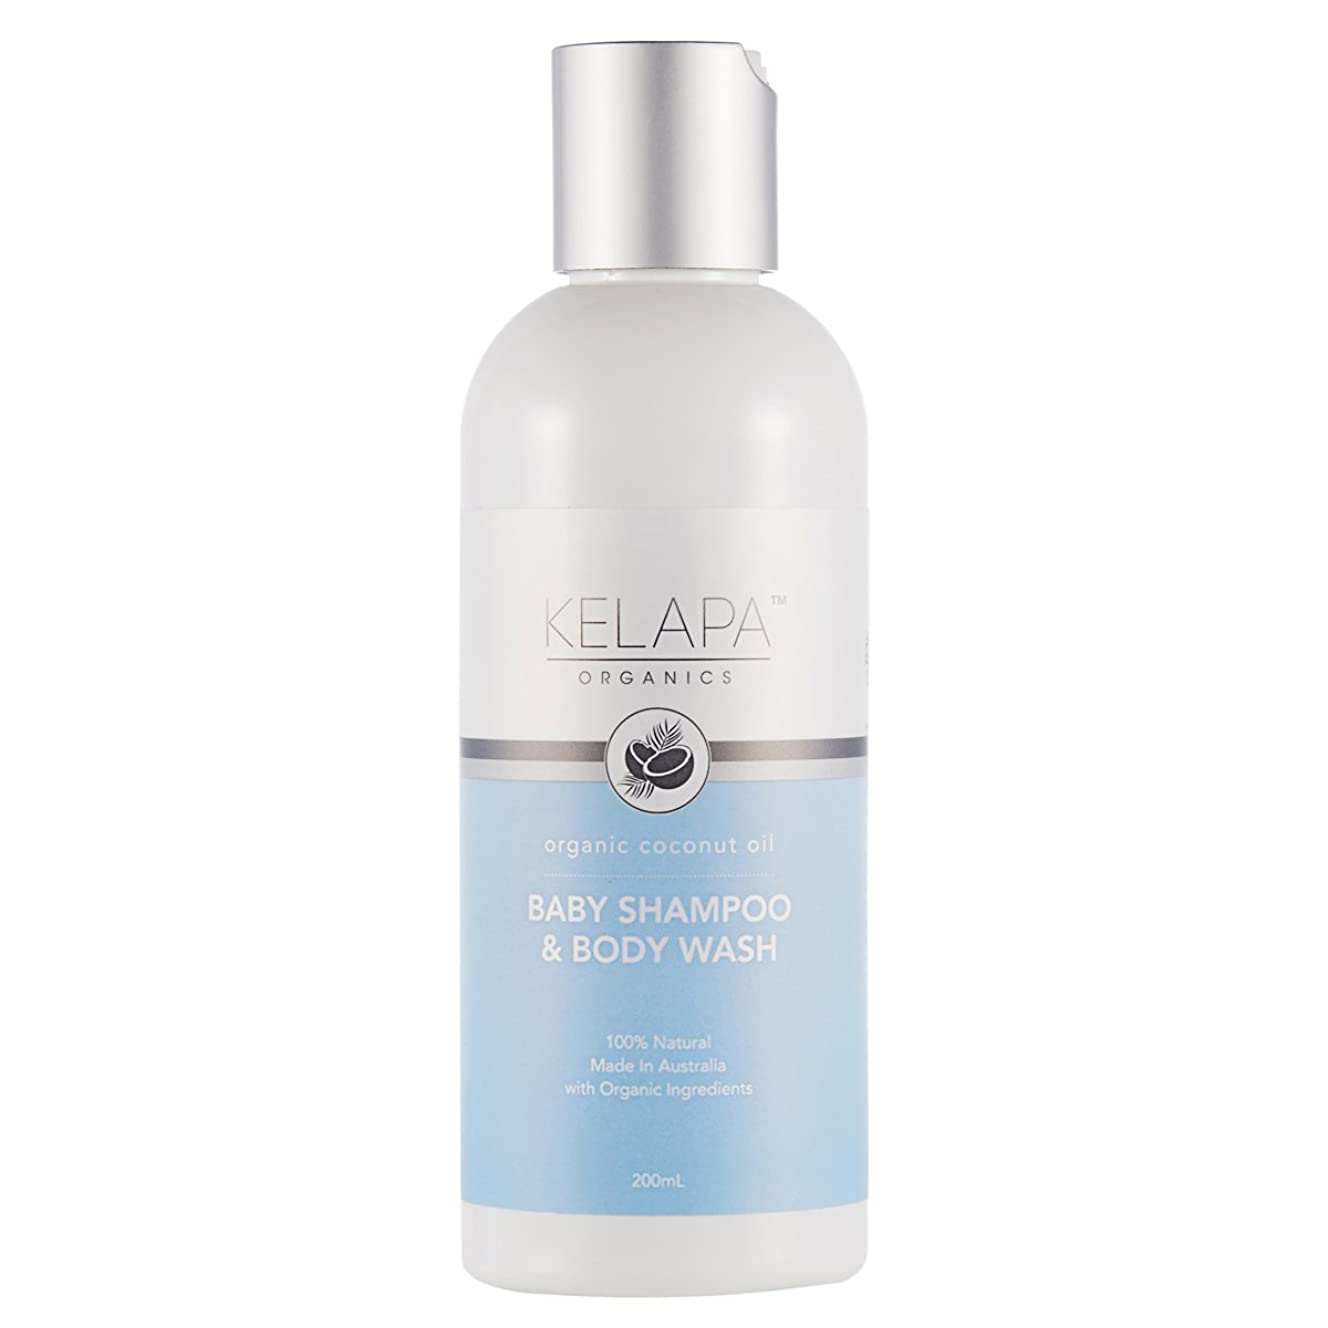 スポーツ死の顎高めるKelapa Organics Baby Shampoo & Body Wash ベイビーシャンプー&ボディウォッシュ 200ml